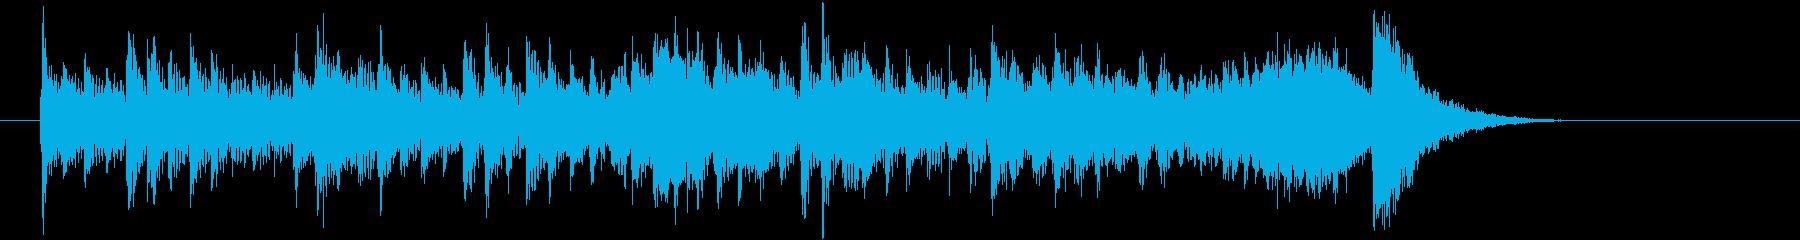 キレの良いストリングスのポップなジングルの再生済みの波形